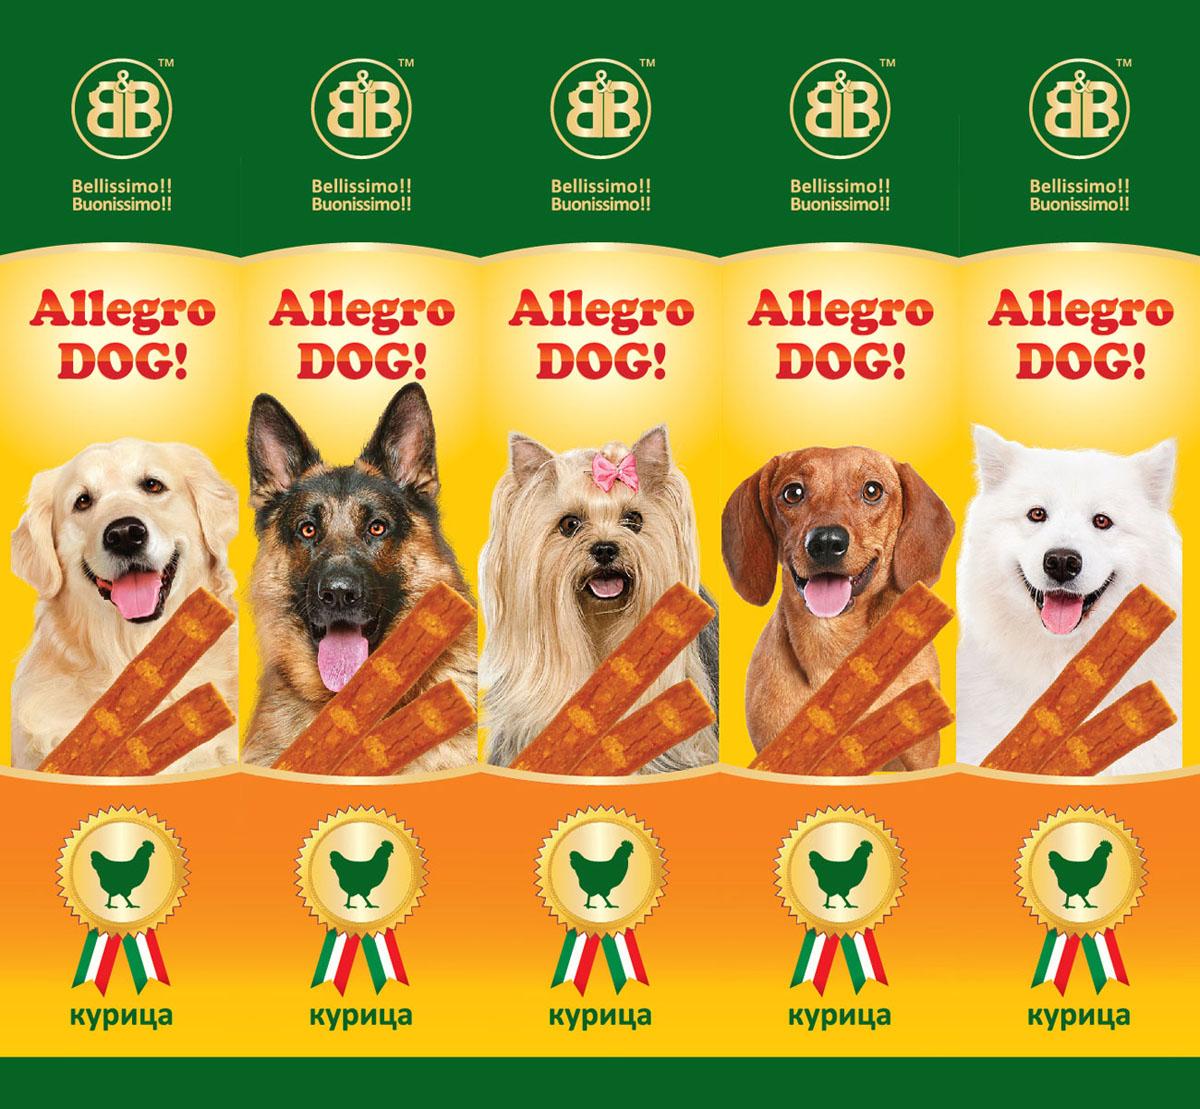 Лакомство для собак B&B Колбаски Allegro Dog, курица, 5х10 г0120710Лакомство для собак B&B Колбаски Allegro Dog - это вкусное и здоровое угощение с большим содержанием мяса, которое придется по вкусу даже самому капризному любимцу. Колбаски идеально подходят в качестве поощрения для игр и тренировок. Состав: мясо и продукты животного происхождения (мин 95% из которых 10% курица), минеральные соли. Пищевая ценность: протеин 33,5%, жиры 20%, зола 9%, клетчатка 2%, влажность 28%.Товар сертифицирован.